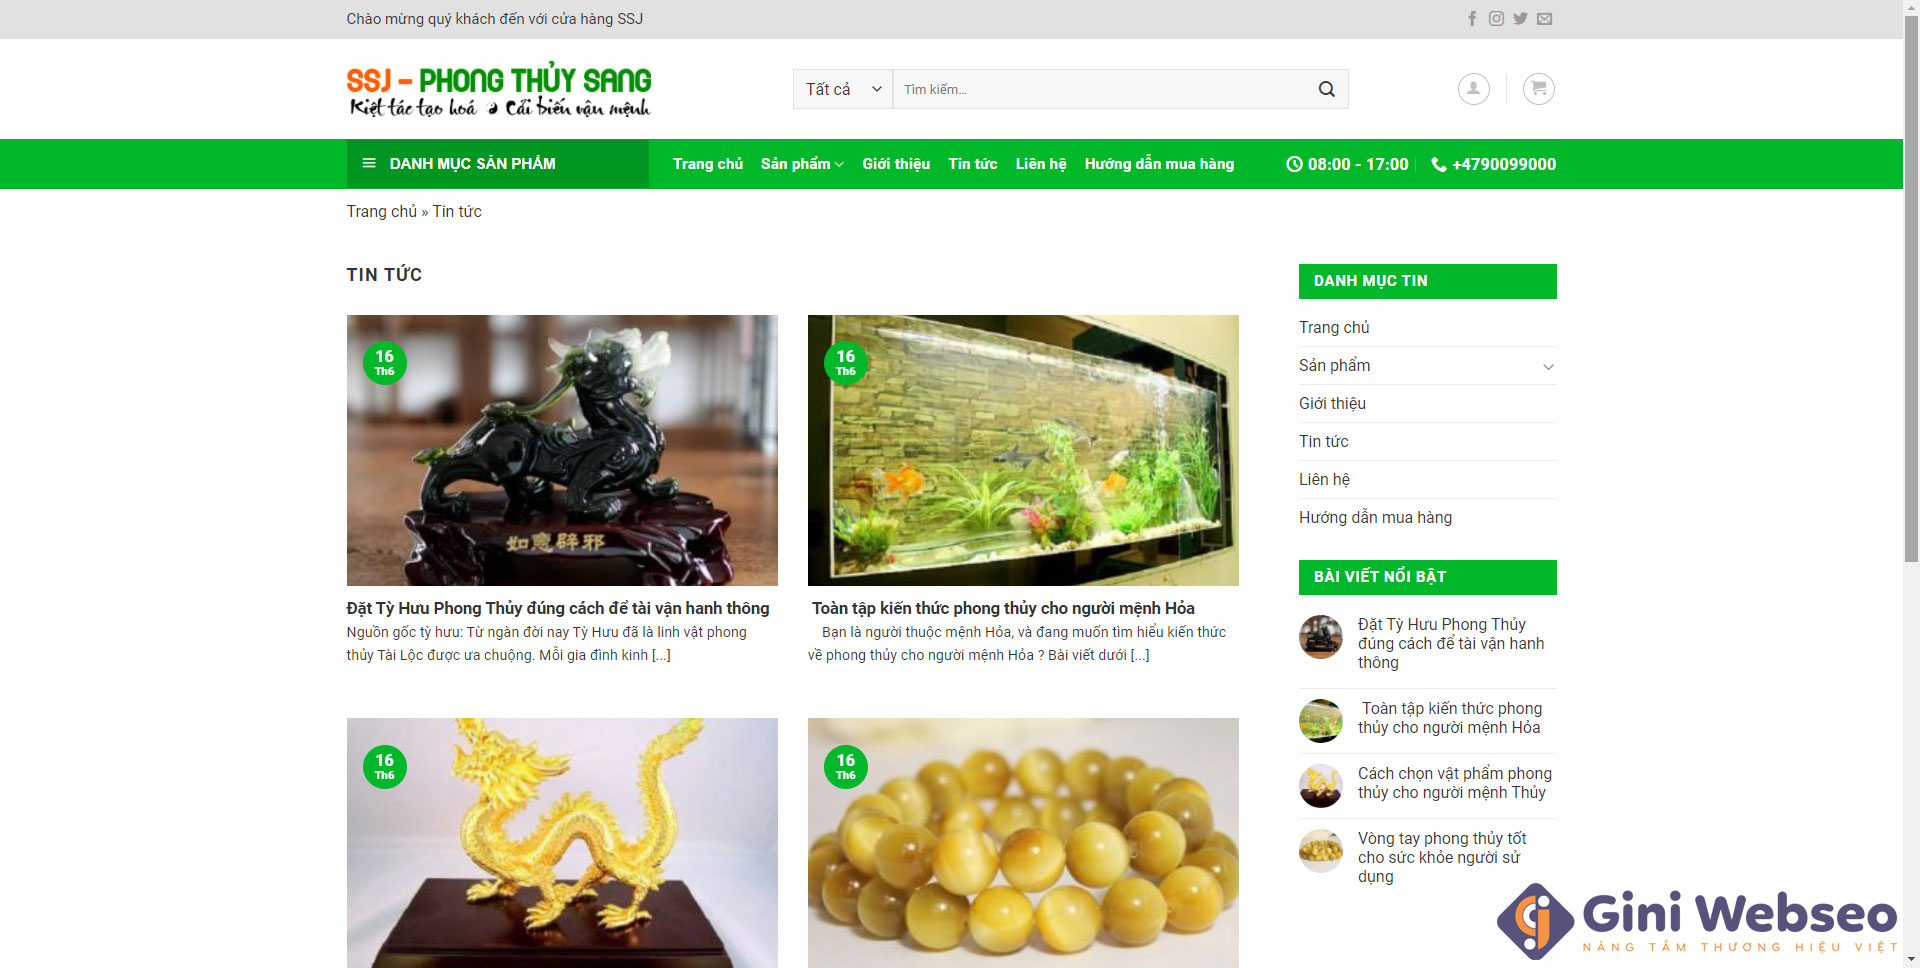 Giao diện tin tức thiết kế website trang sức phong thủy